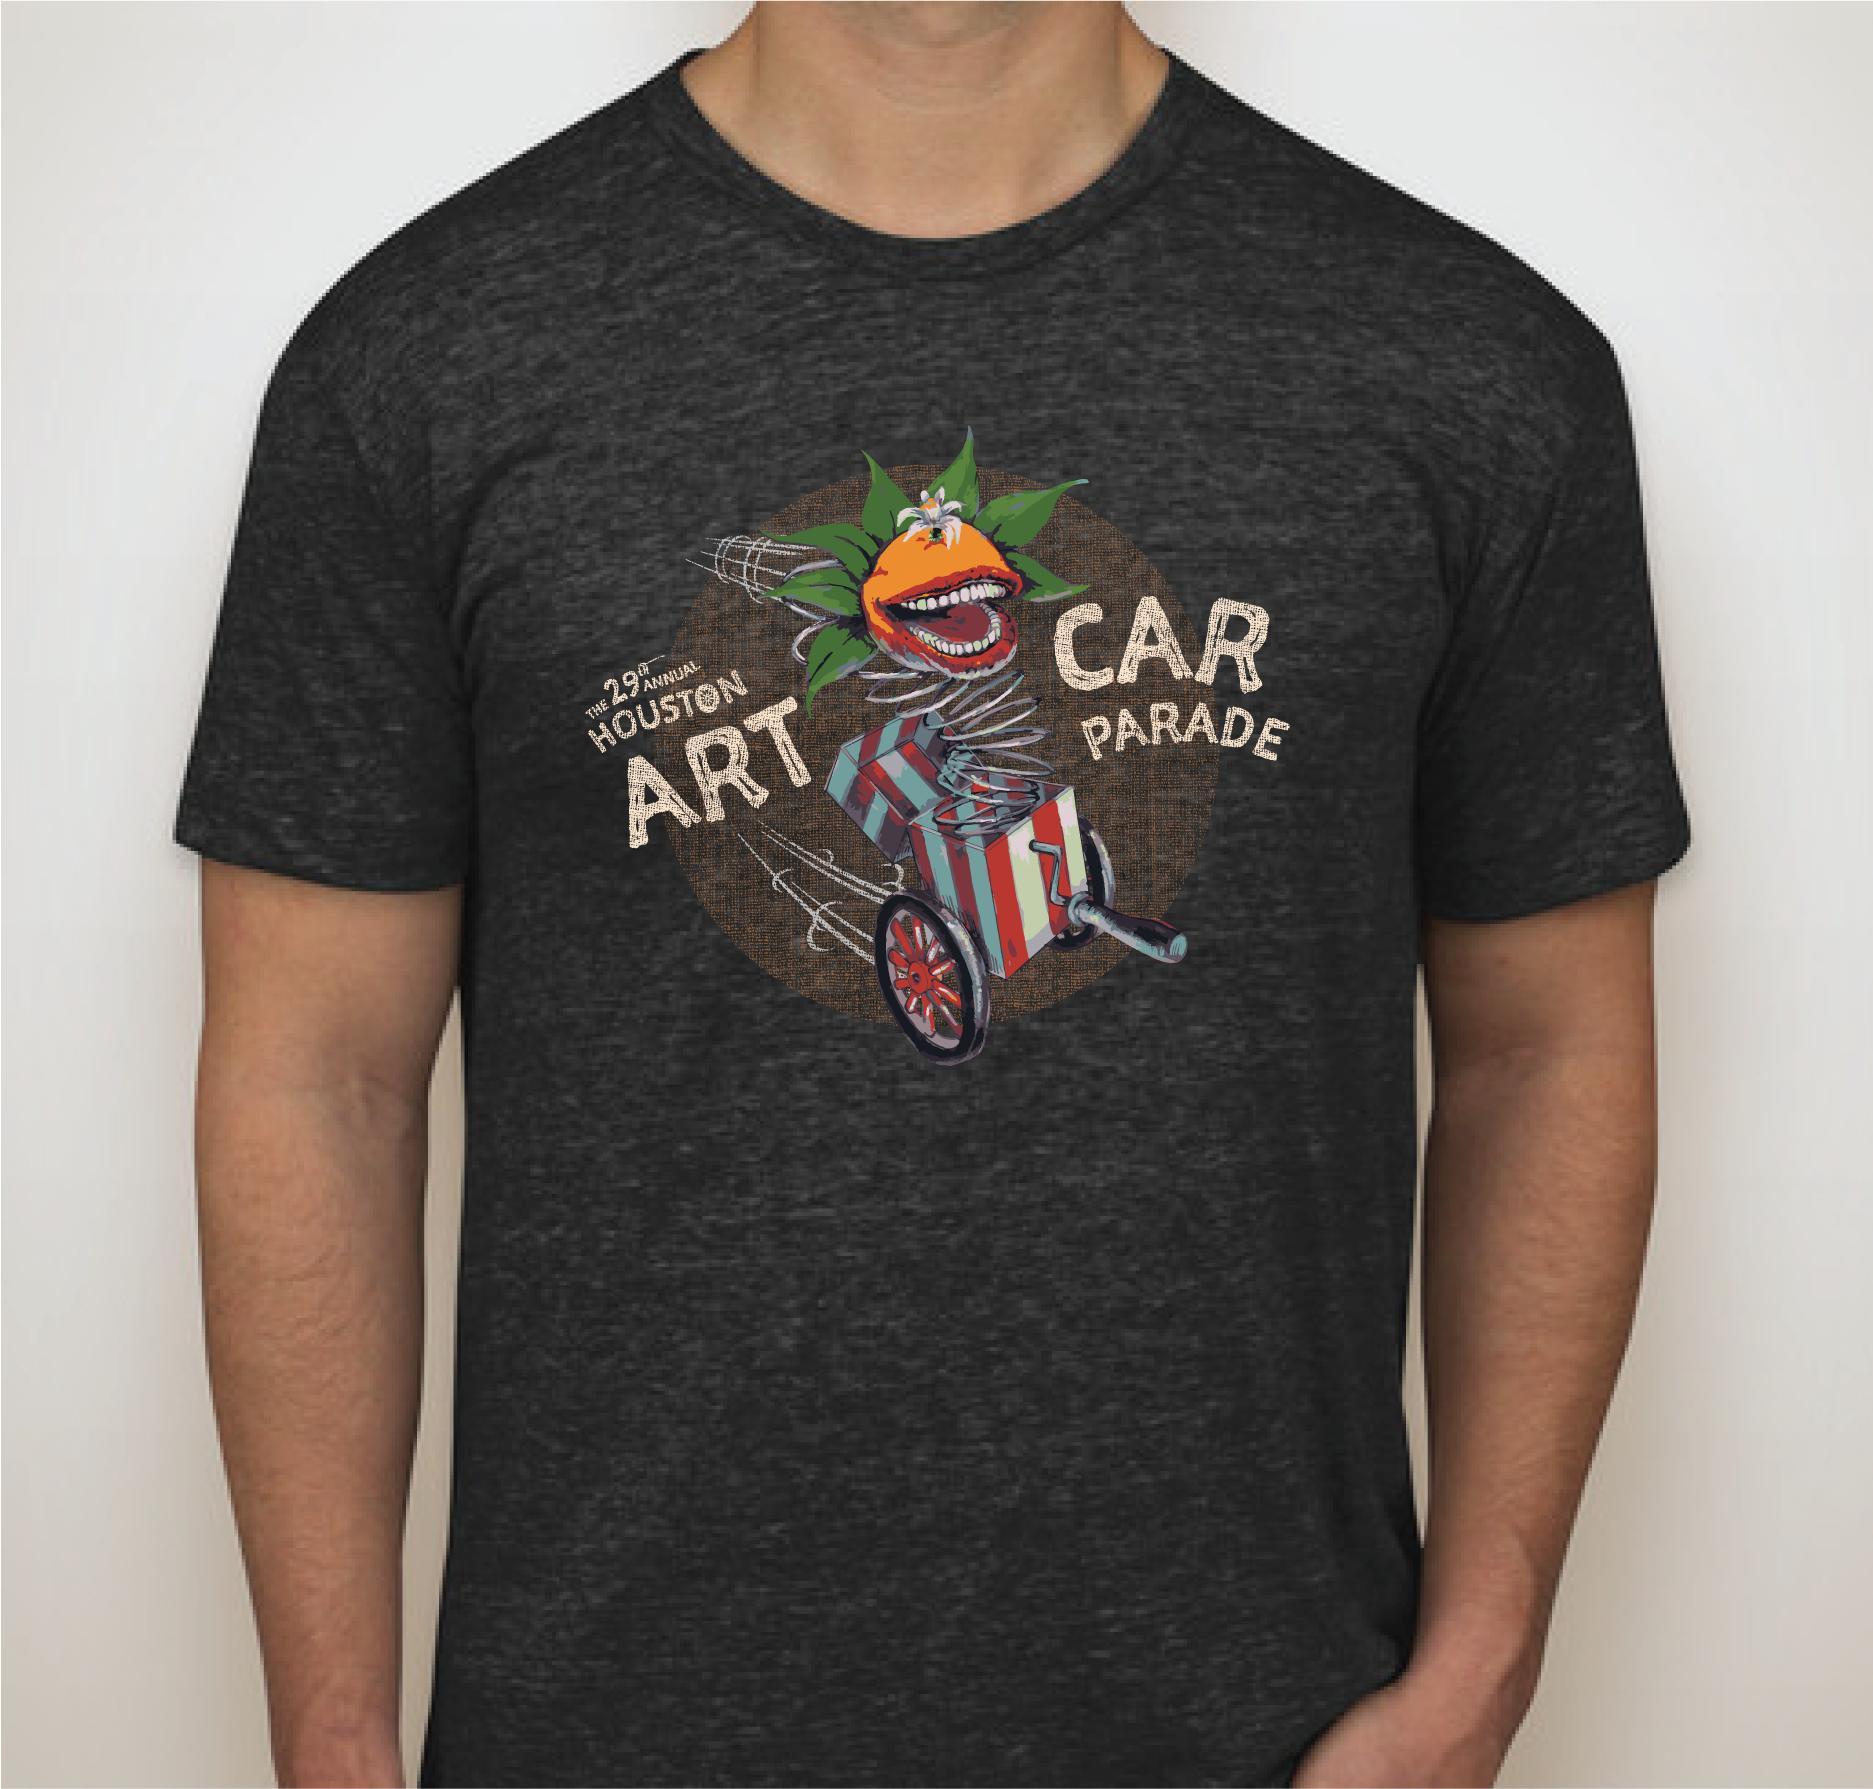 2016 Art Car Parade T-shirt